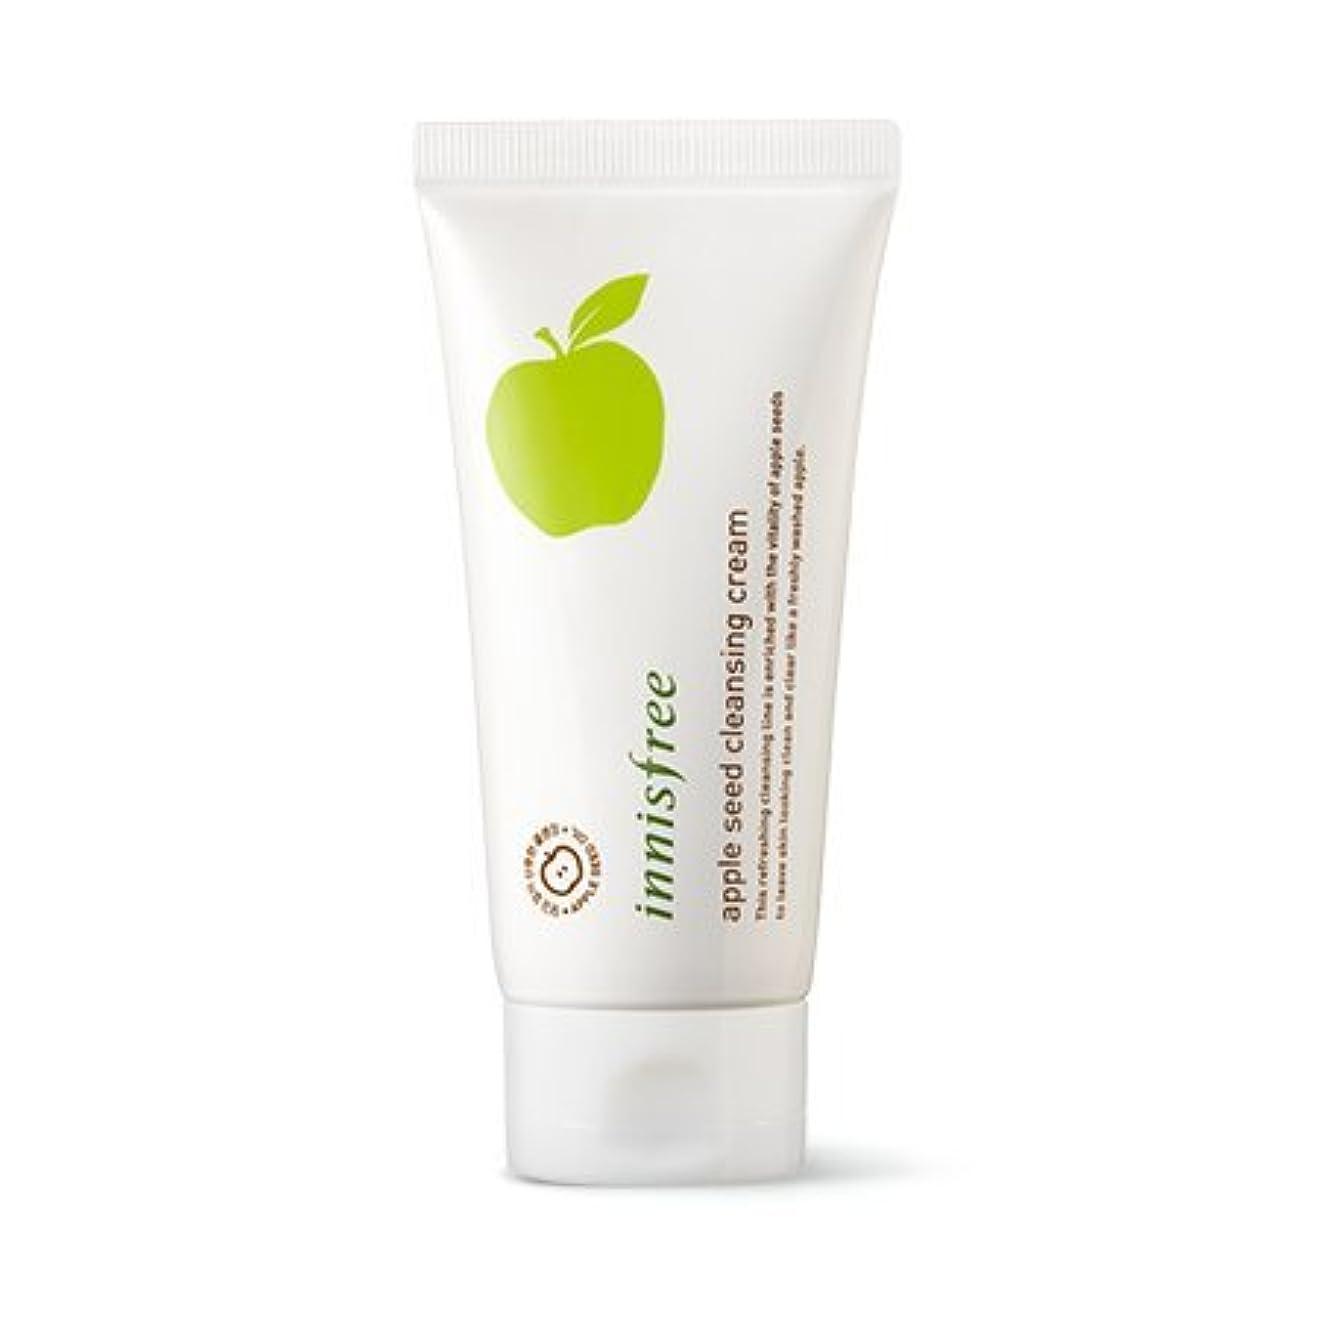 検出するペイント同盟[New] innisfree Apple Seed Cleansing Cream 150ml/イニスフリー アップル シード クレンジング クリーム 150ml